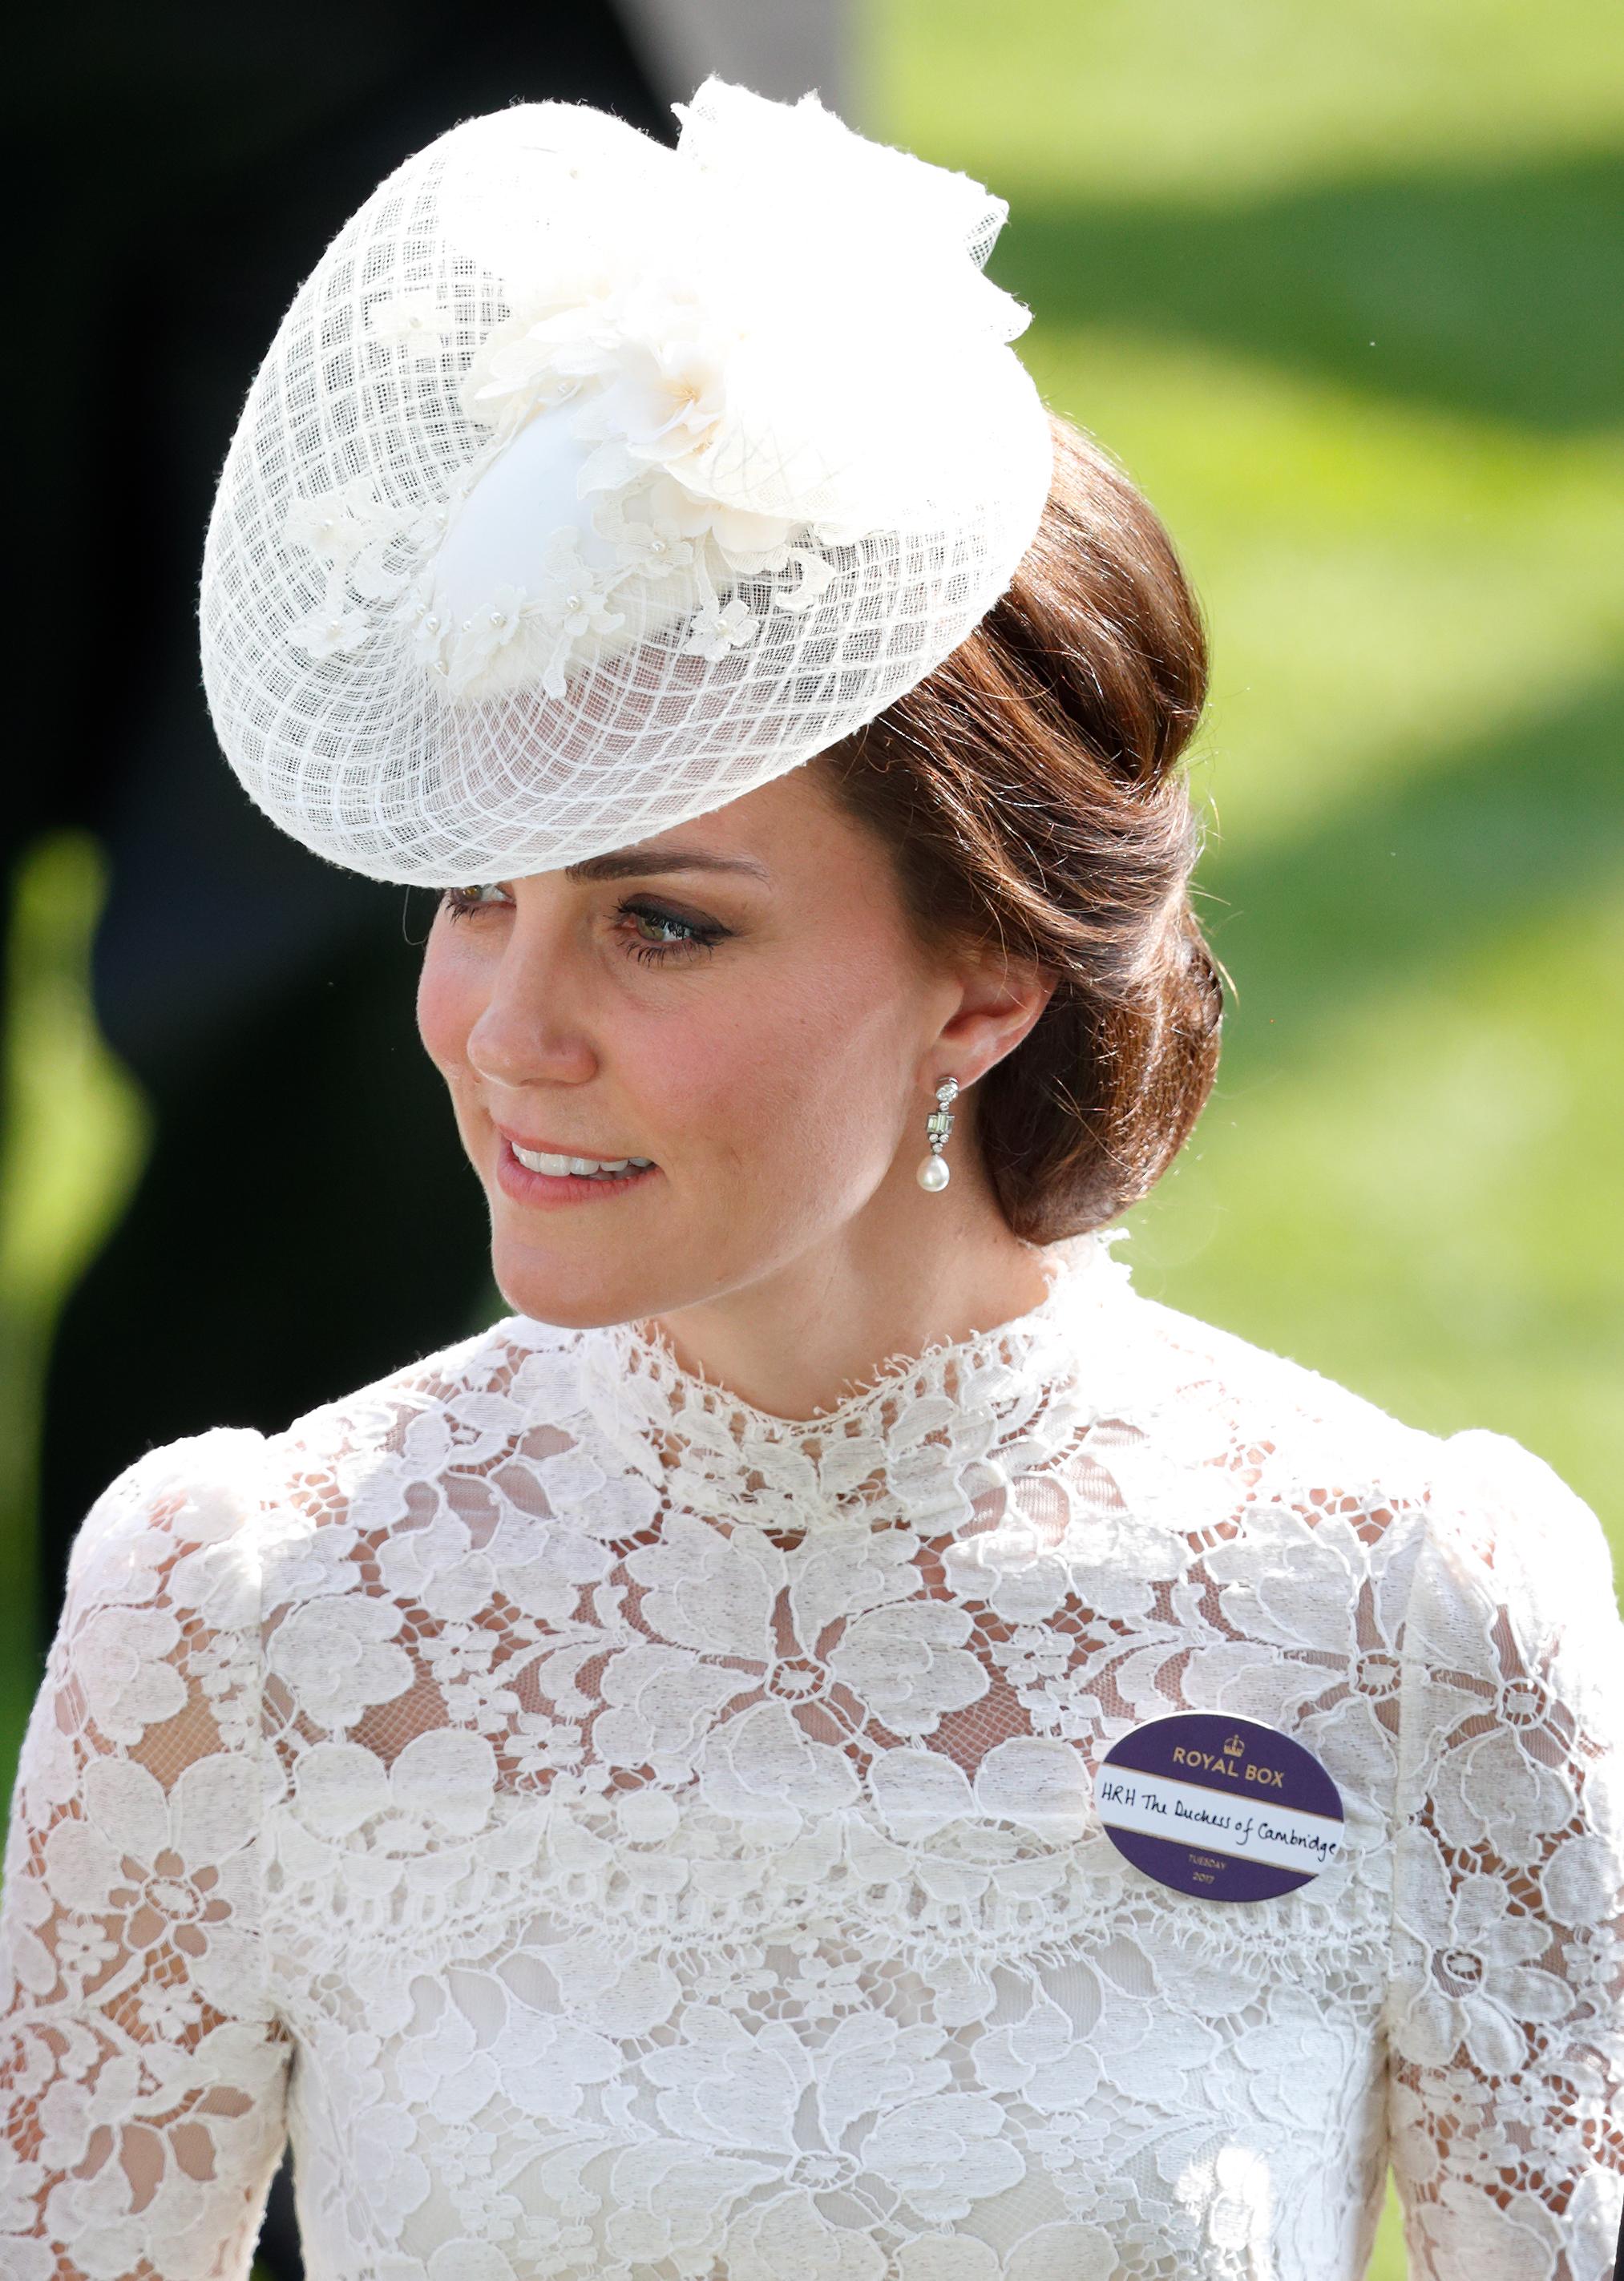 Kate Middleton Royal Ascot 2017